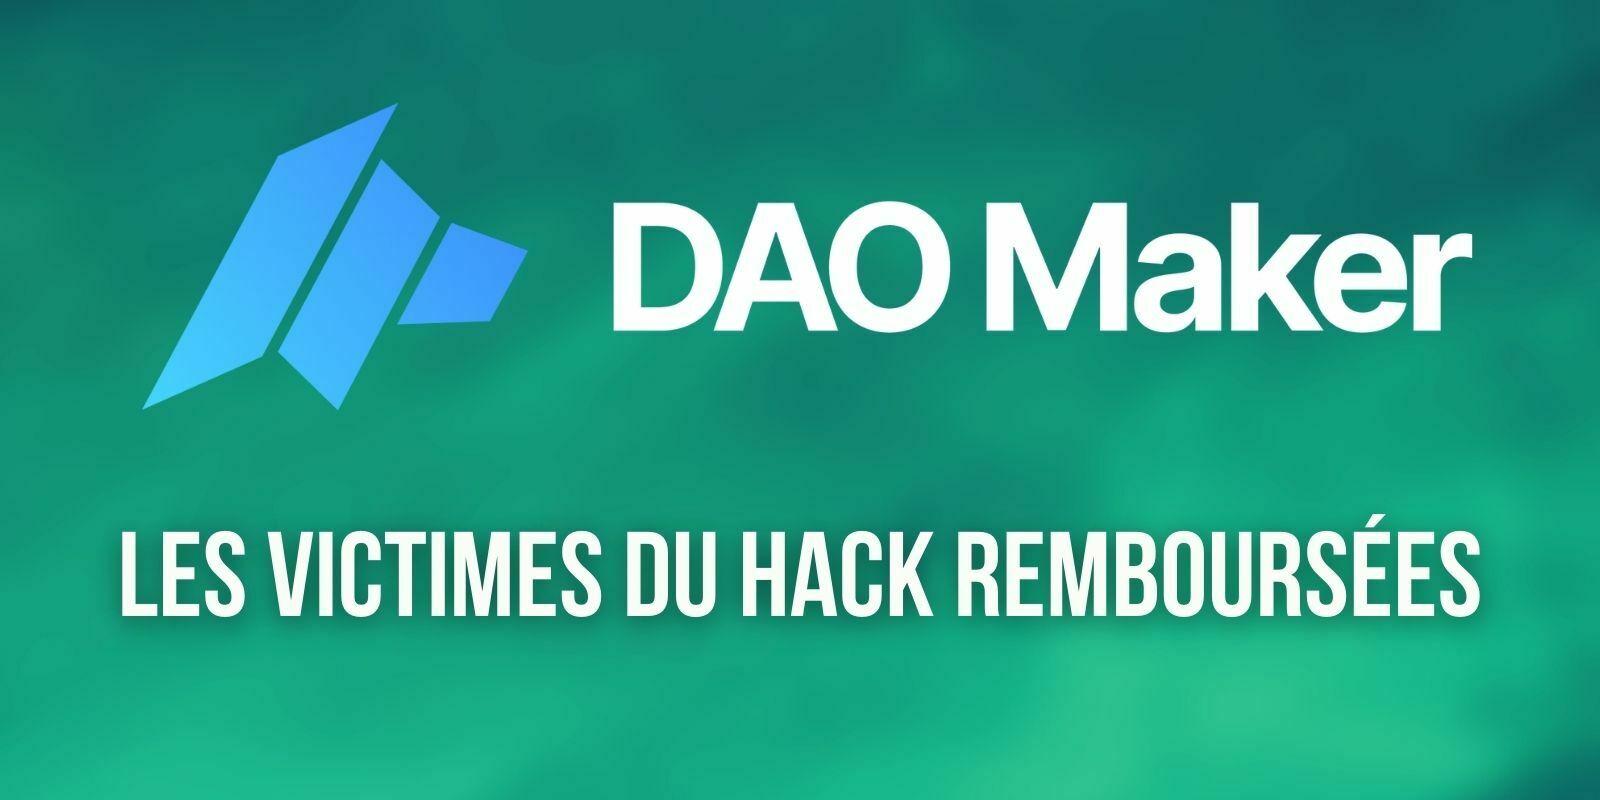 La plateforme DAO Maker rembourse tous les utilisateurs touchés par son récent hack de 7 millions de dollars